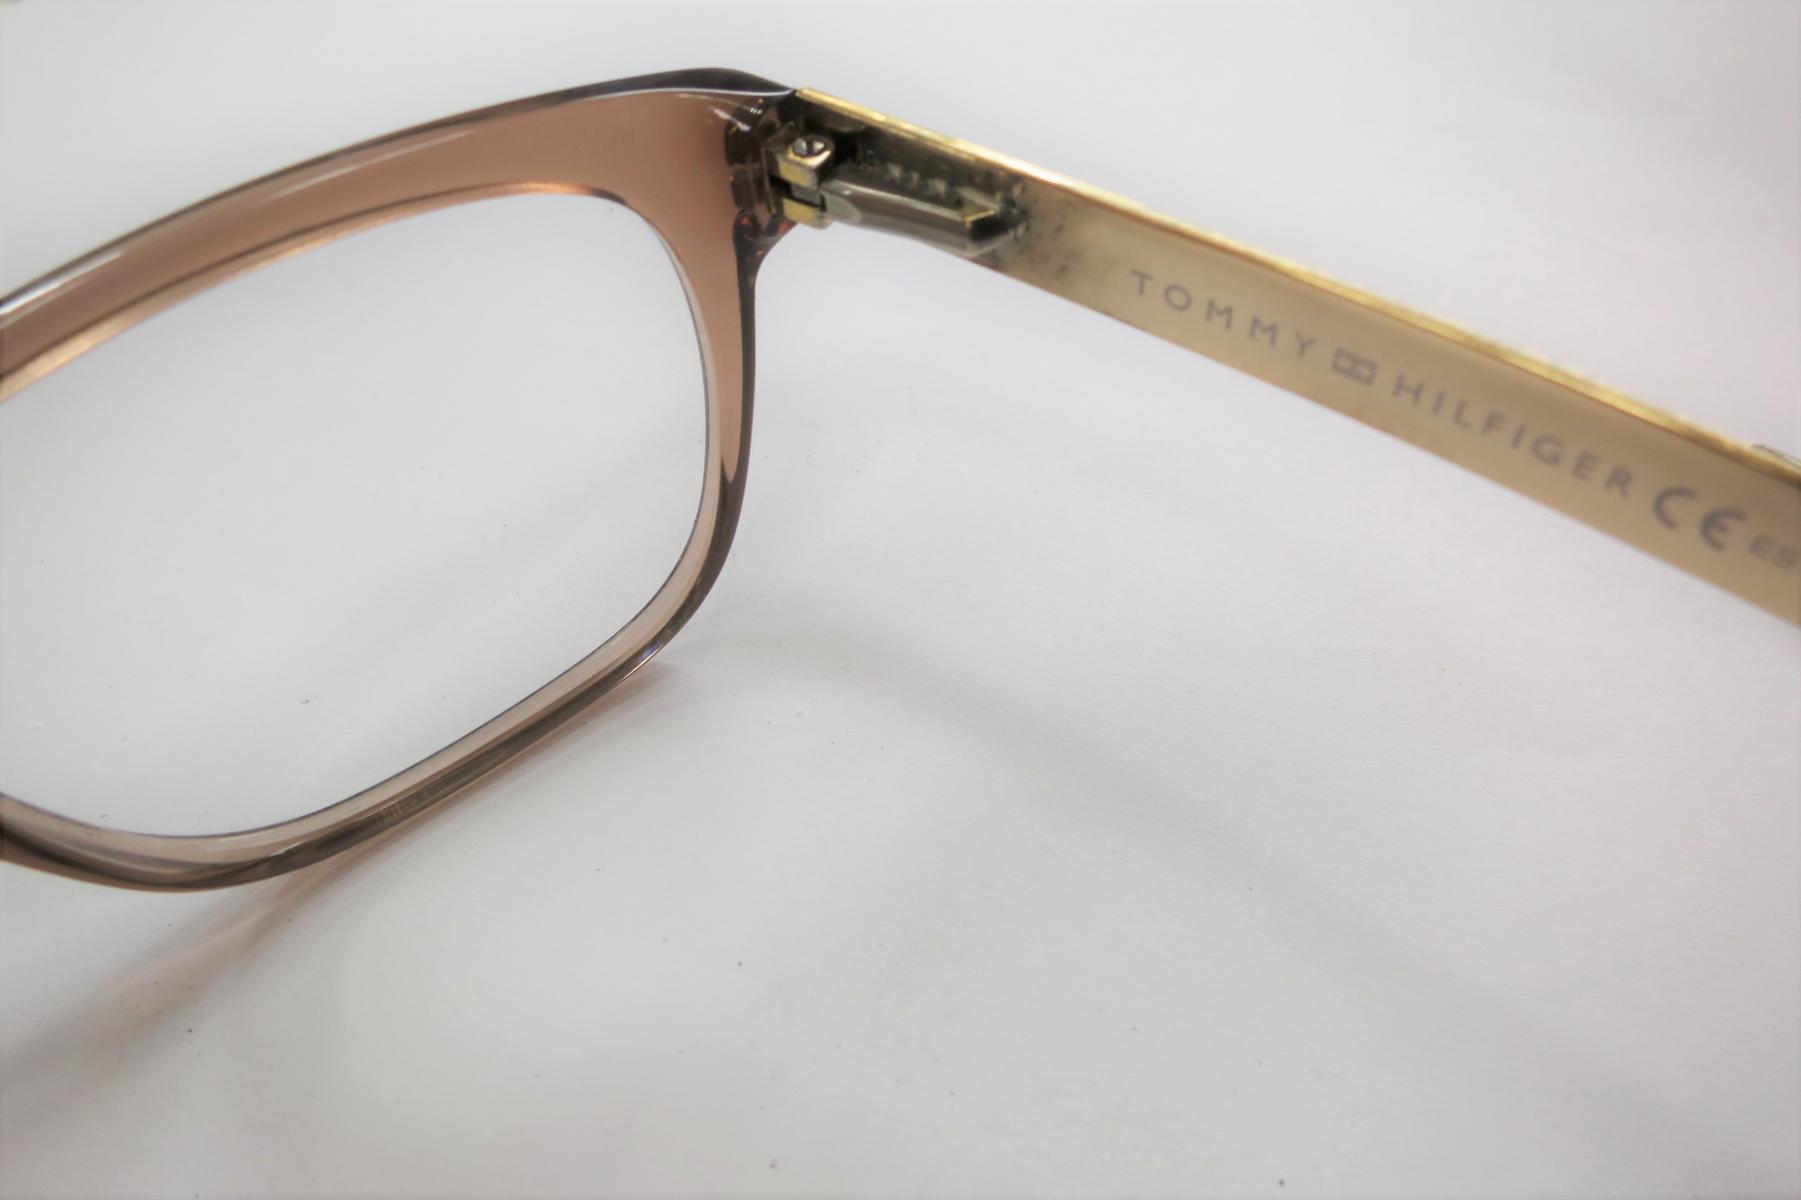 Broken Glasses Frames | www.topsimages.com